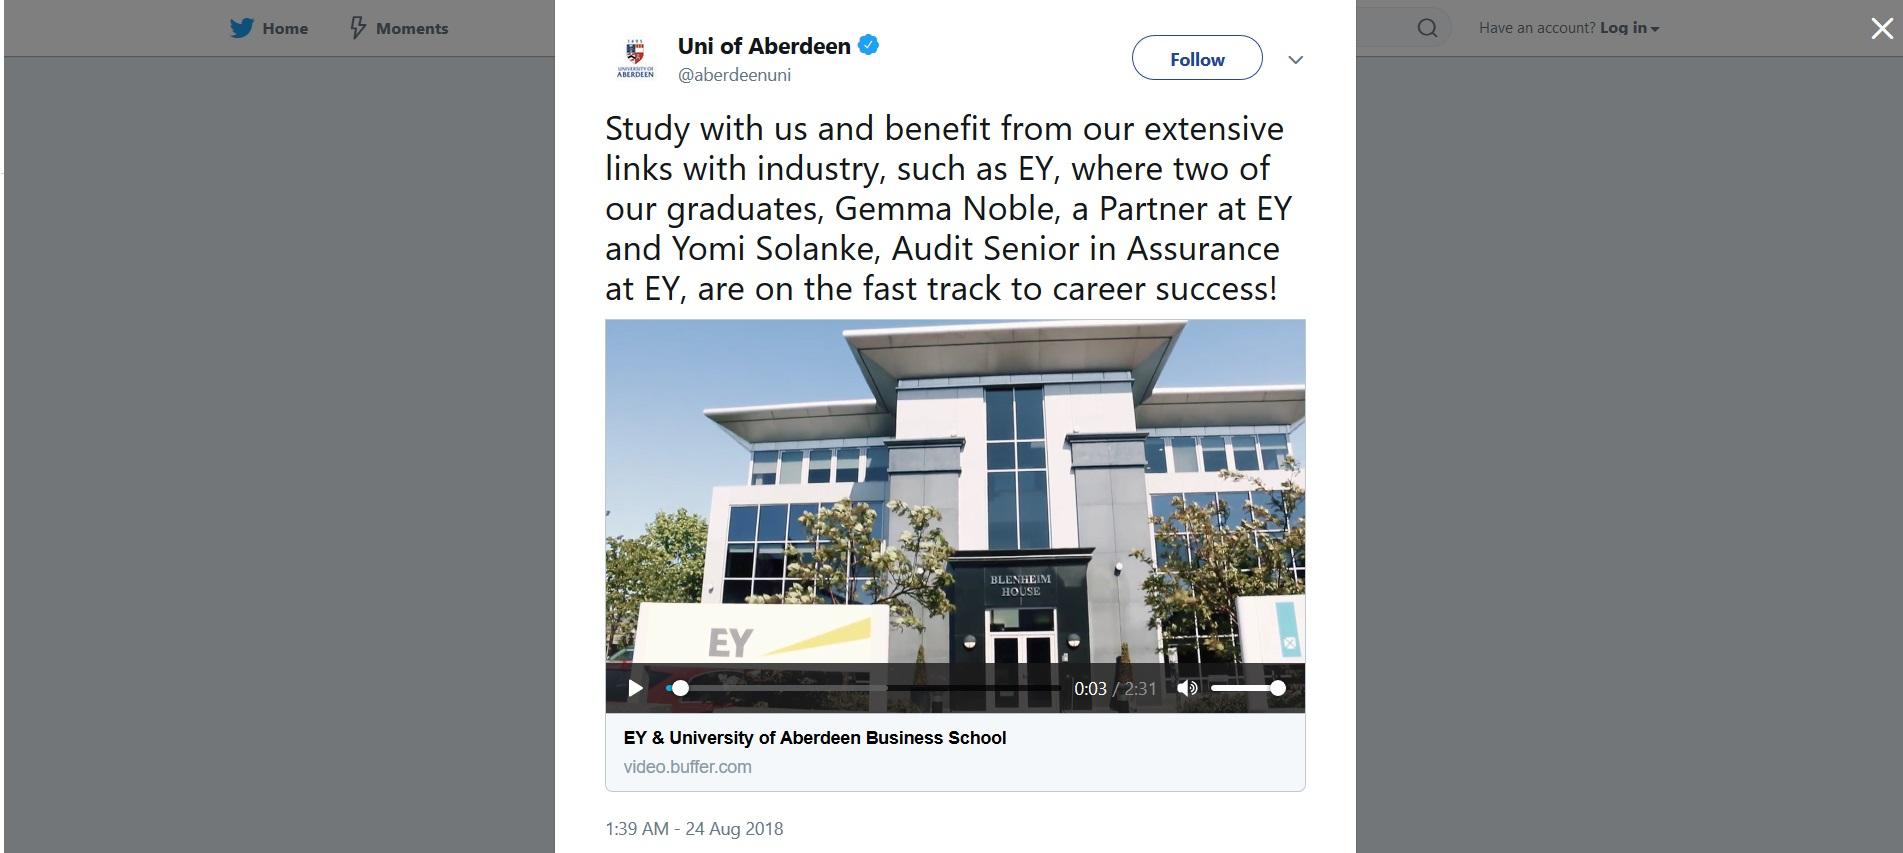 Screenshot of the University of Aberdeen Twitter